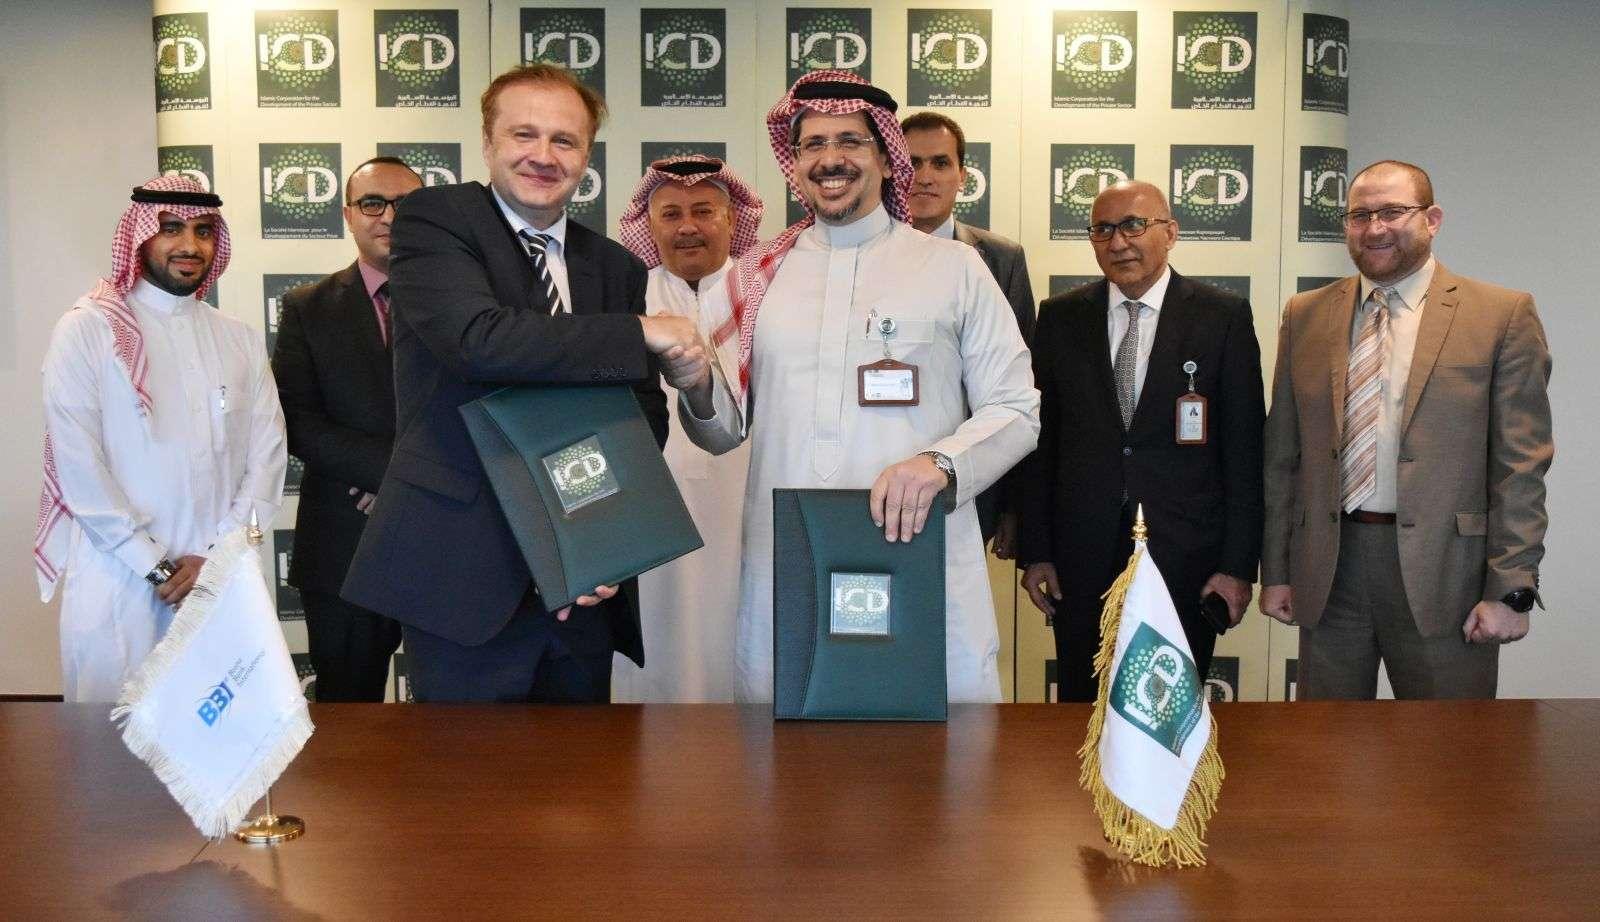 BBI banka se priključila novoj ICD-ovoj Globalnoj platformi za privatni sektor